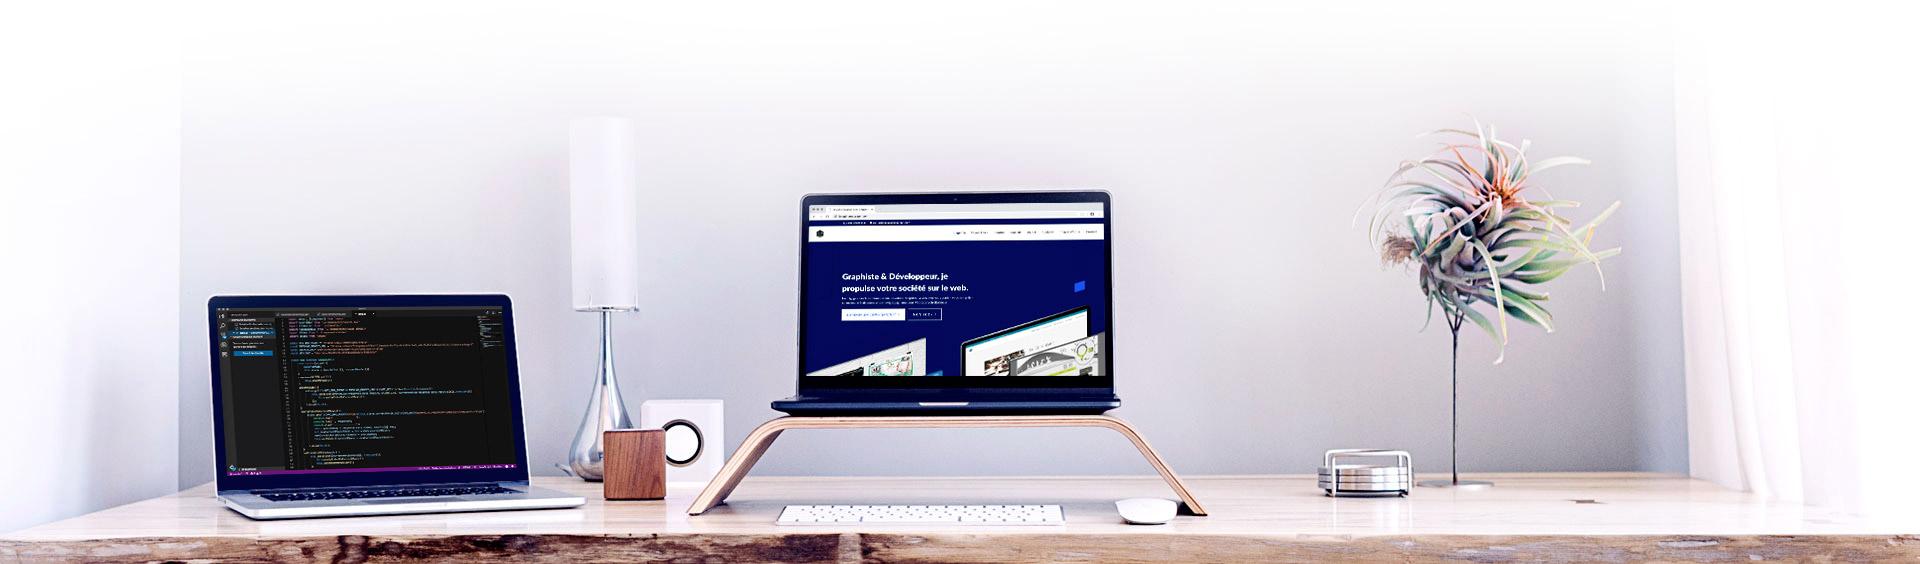 Création de site internet - Webdesign - Développeur Web